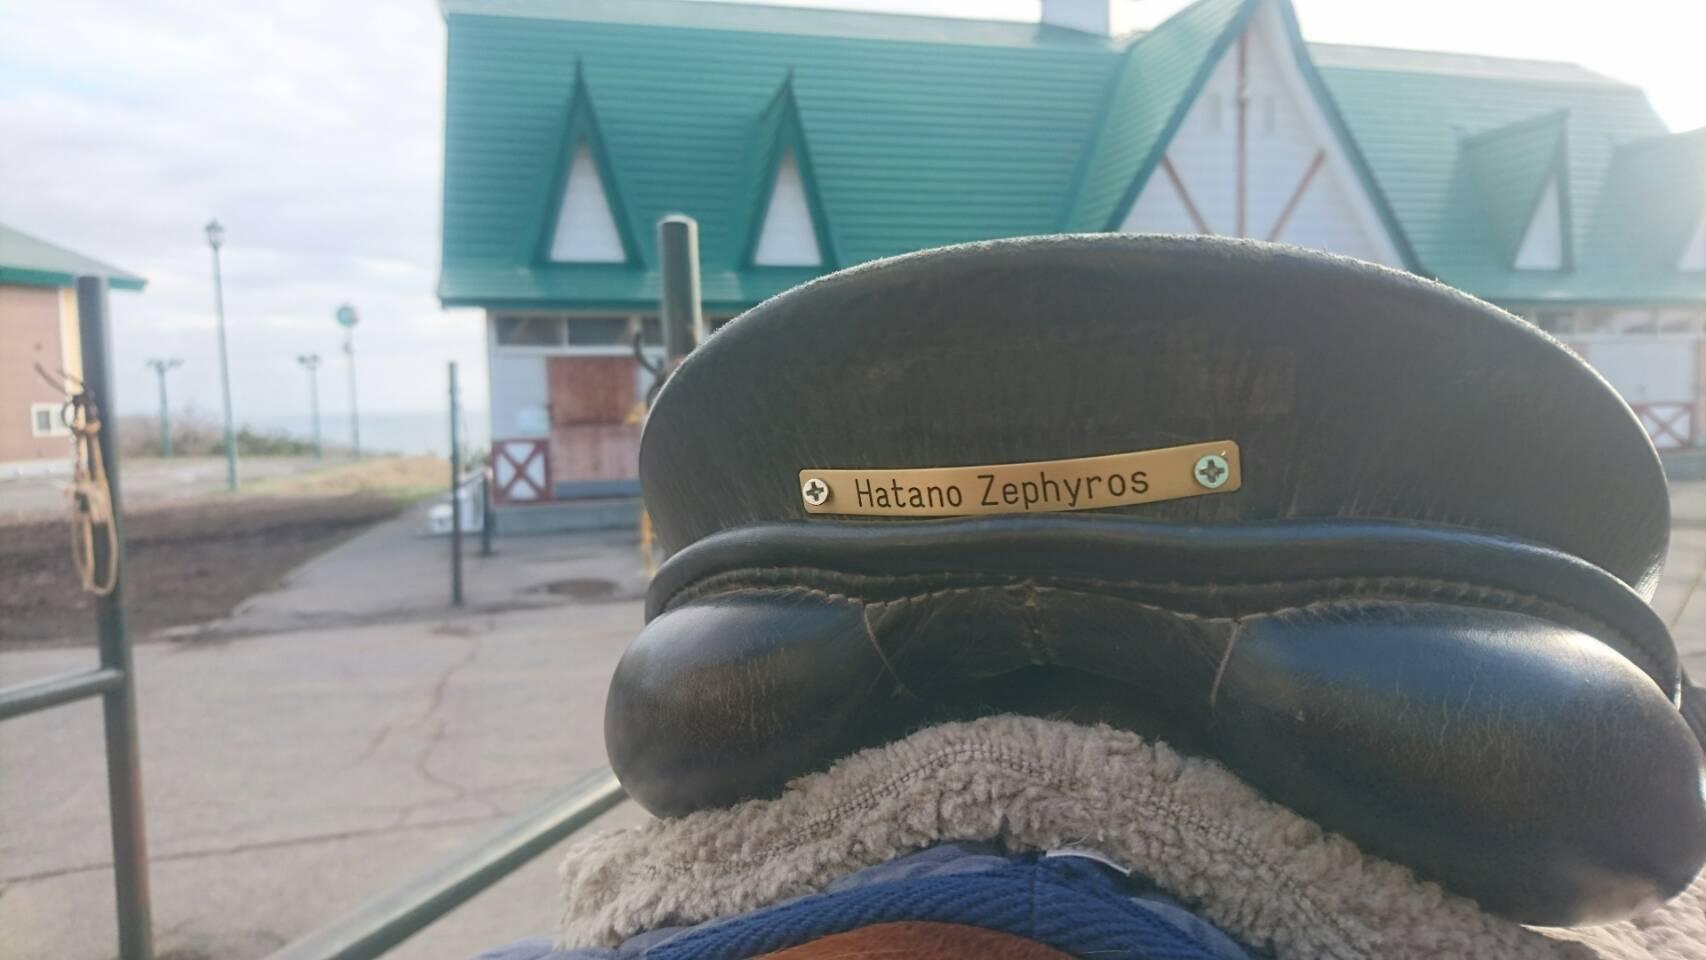 ハタノゼフィロス号ネームプレート